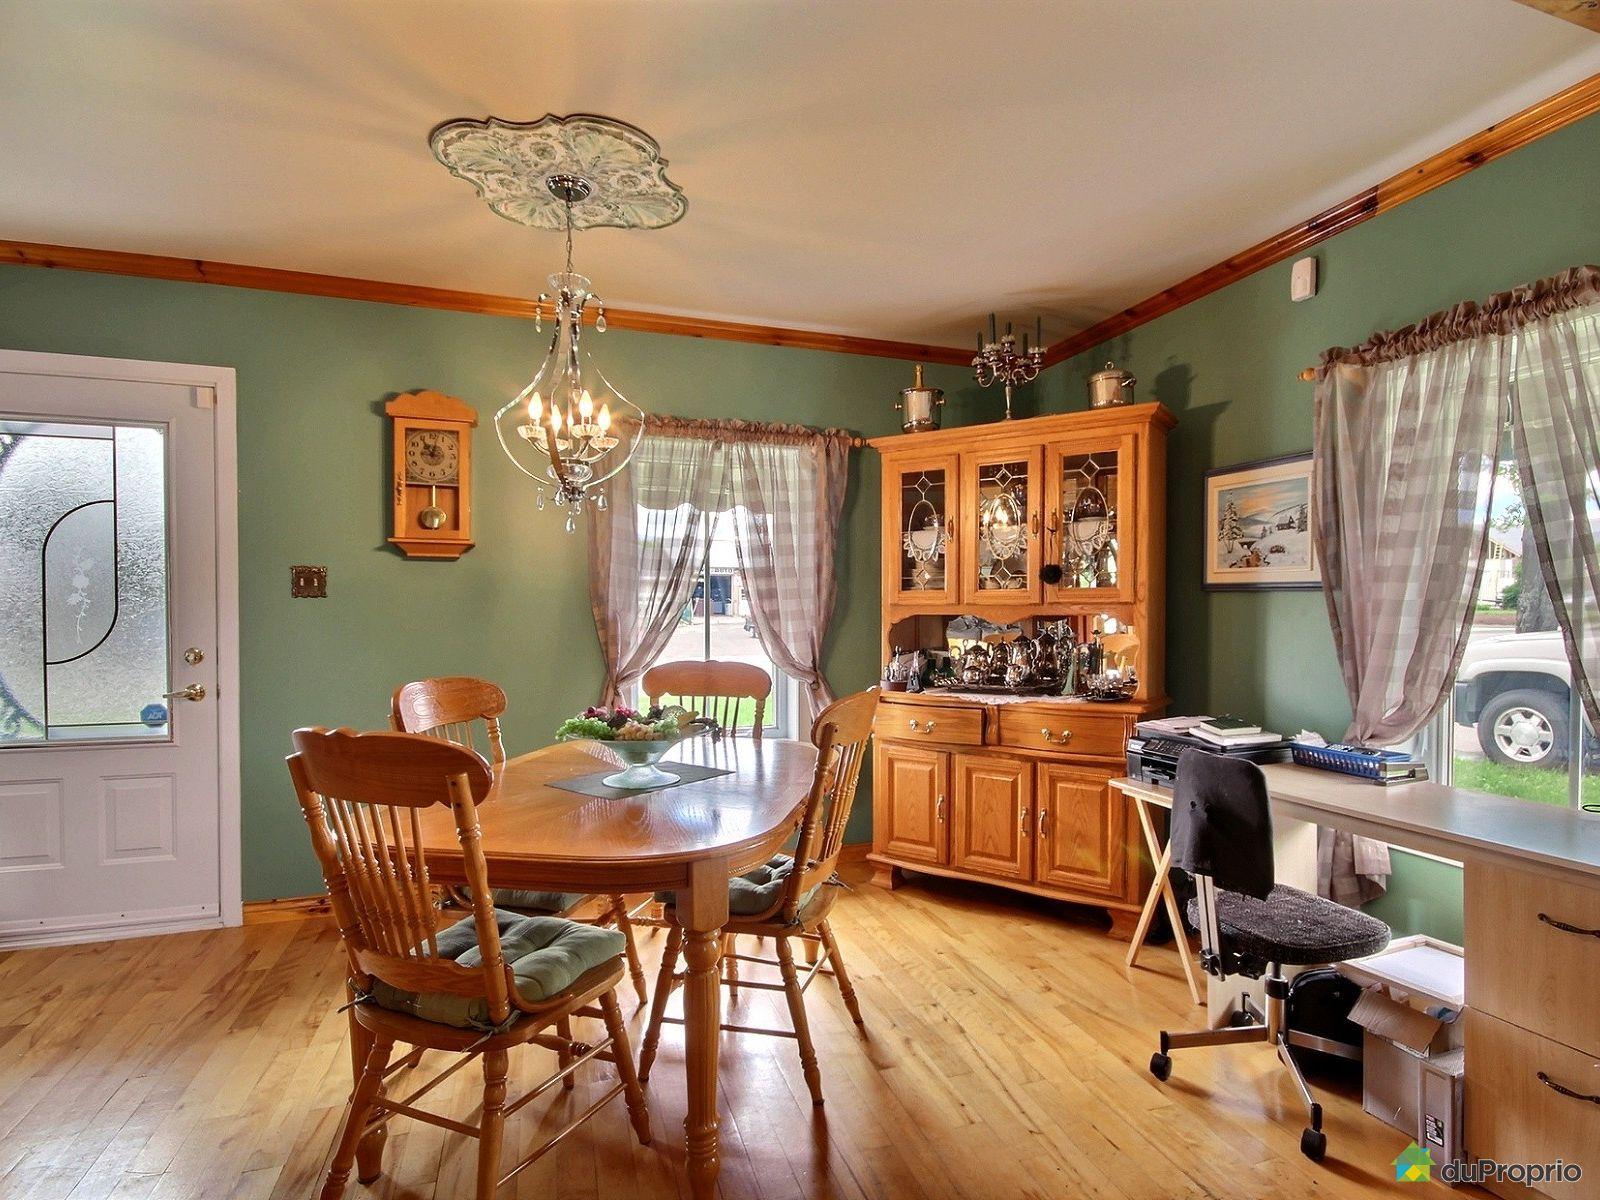 maison vendre st nazaire du lac st jean 268 rue principale immobilier qu bec duproprio. Black Bedroom Furniture Sets. Home Design Ideas